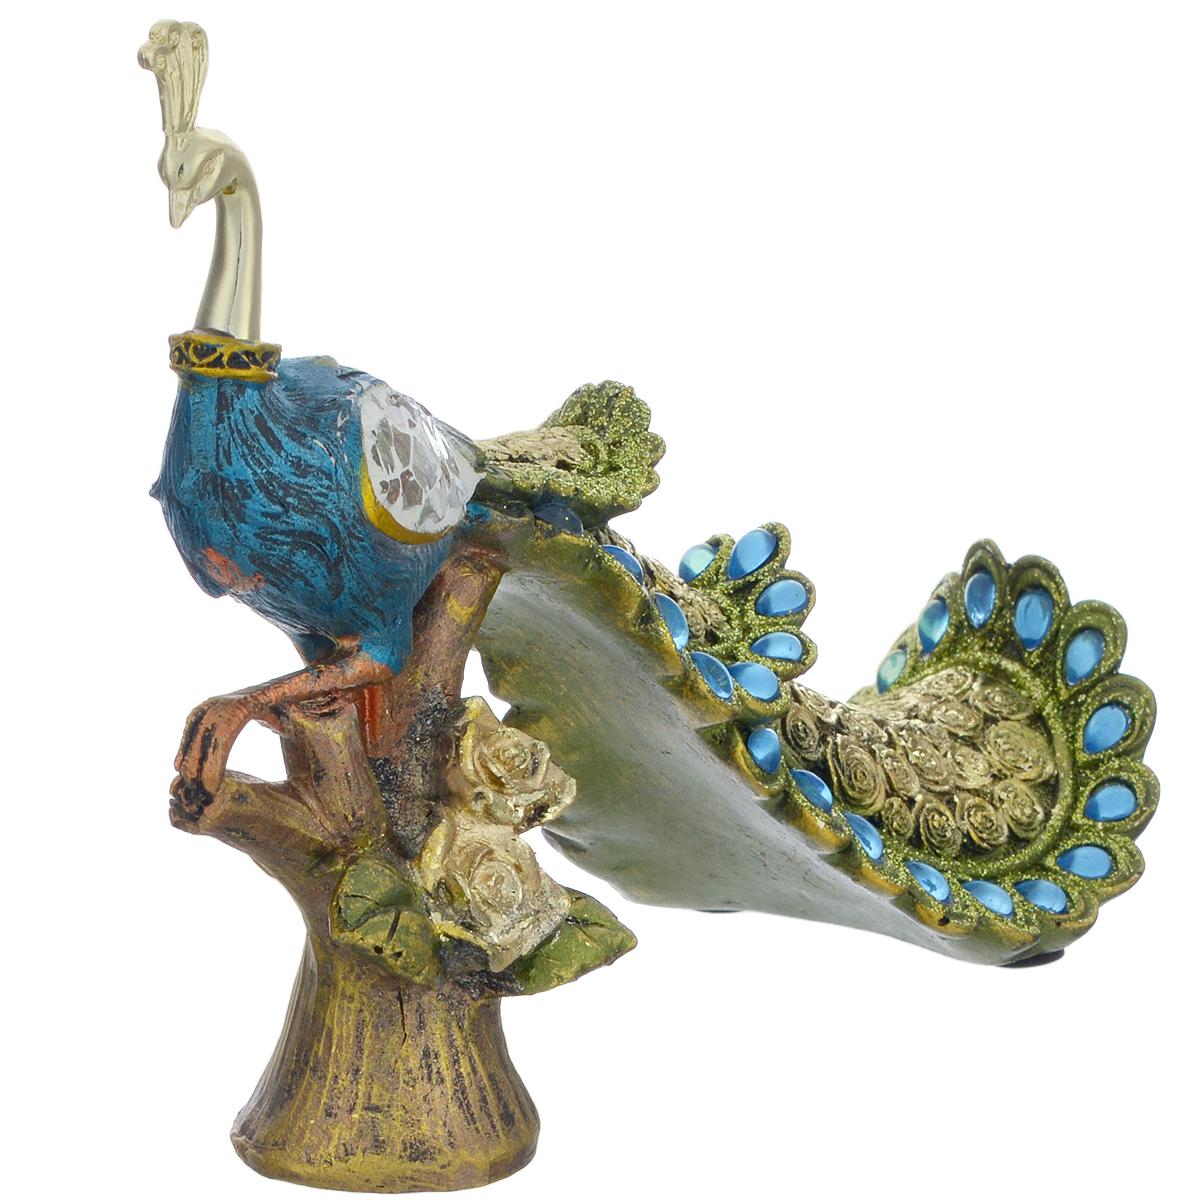 Фигурка декоративная Molento Райская птица, высота 14 см12723Декоративная фигура Molento Райская птица, изготовленная из полистоуна, позволит вам украсить интерьер дома, рабочего кабинета или любого другого помещения оригинальным образом. Изделие, выполненное в виде павлина, оформлено рельефным рисунком, блестками, стразами и зеркальной россыпью.С такой декоративной фигурой вы сможете не просто внести в интерьер элемент оригинальности, но и создать атмосферу загадочности и изысканности.Размер фигурки: 19 см х 7 см х 20,5 см.